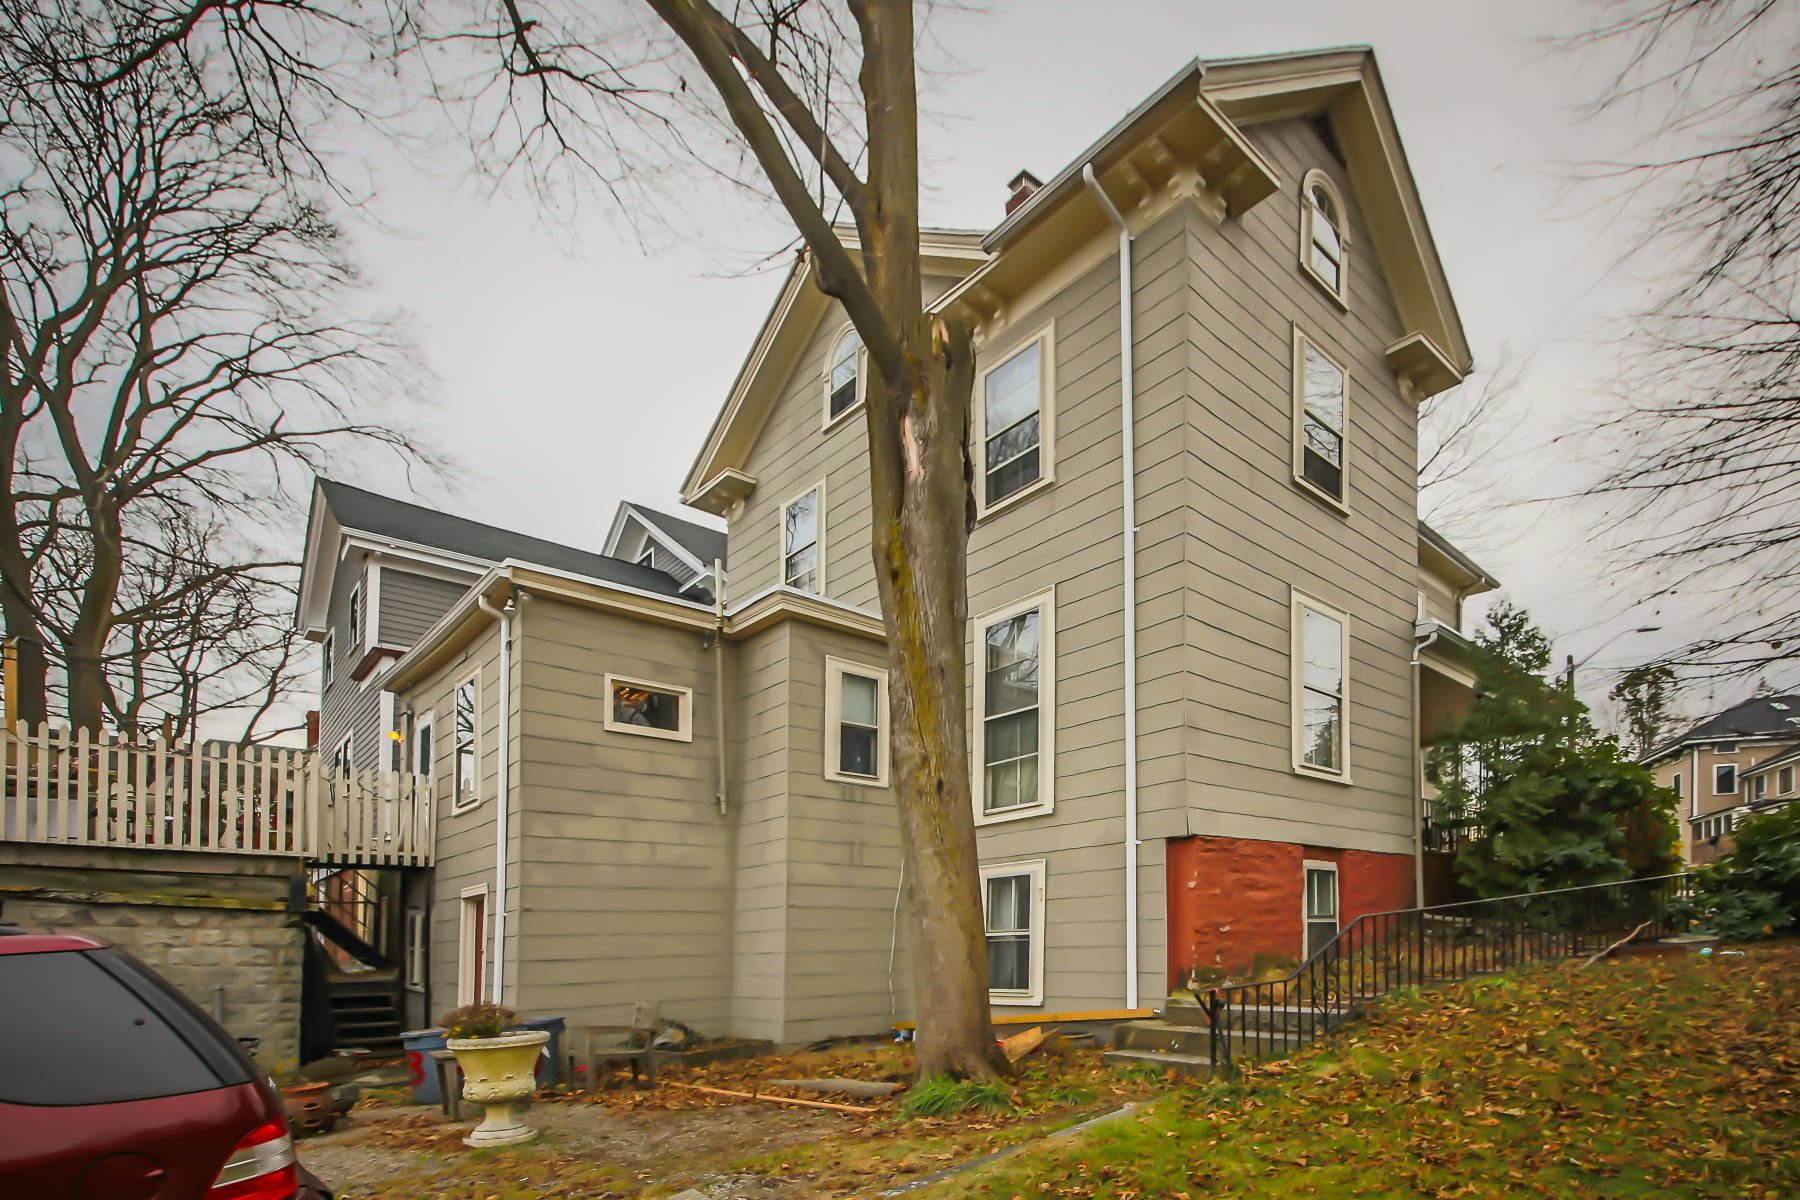 Additional photo for property listing at 8 Alveston St, Boston 8 Alveston St Boston, Massachusetts 02130 United States